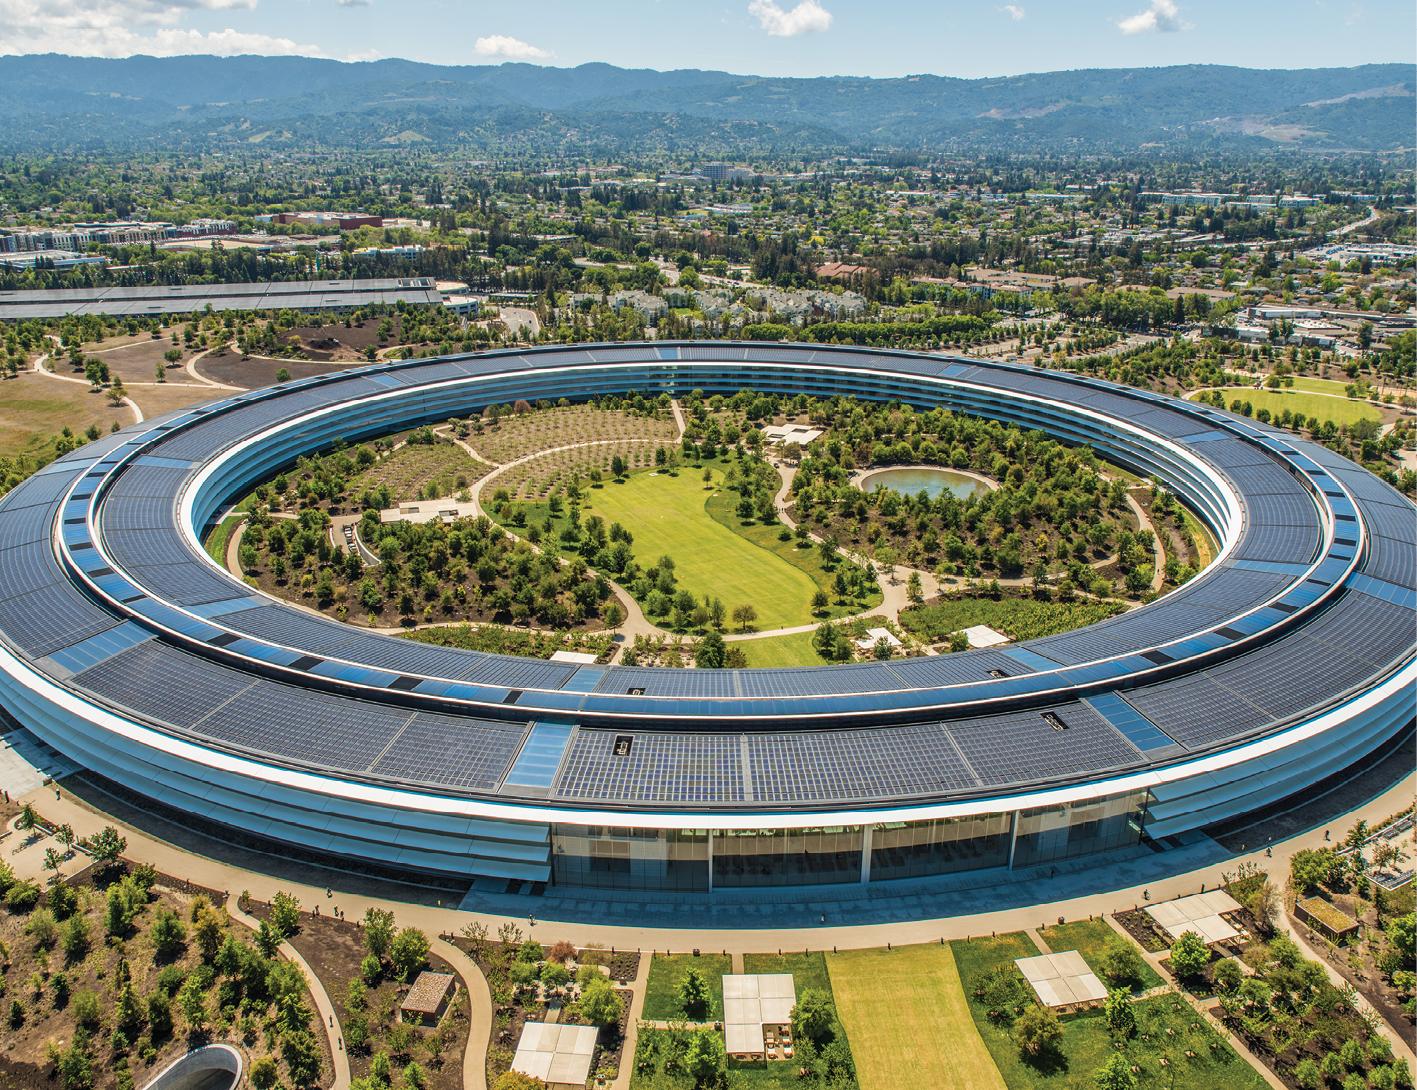 O Apple Park, sede da empresa, em Cupertino, Califórnia: área equivalente à de 70 campos de futebol, e 260 mil metros quadrados de área construída.